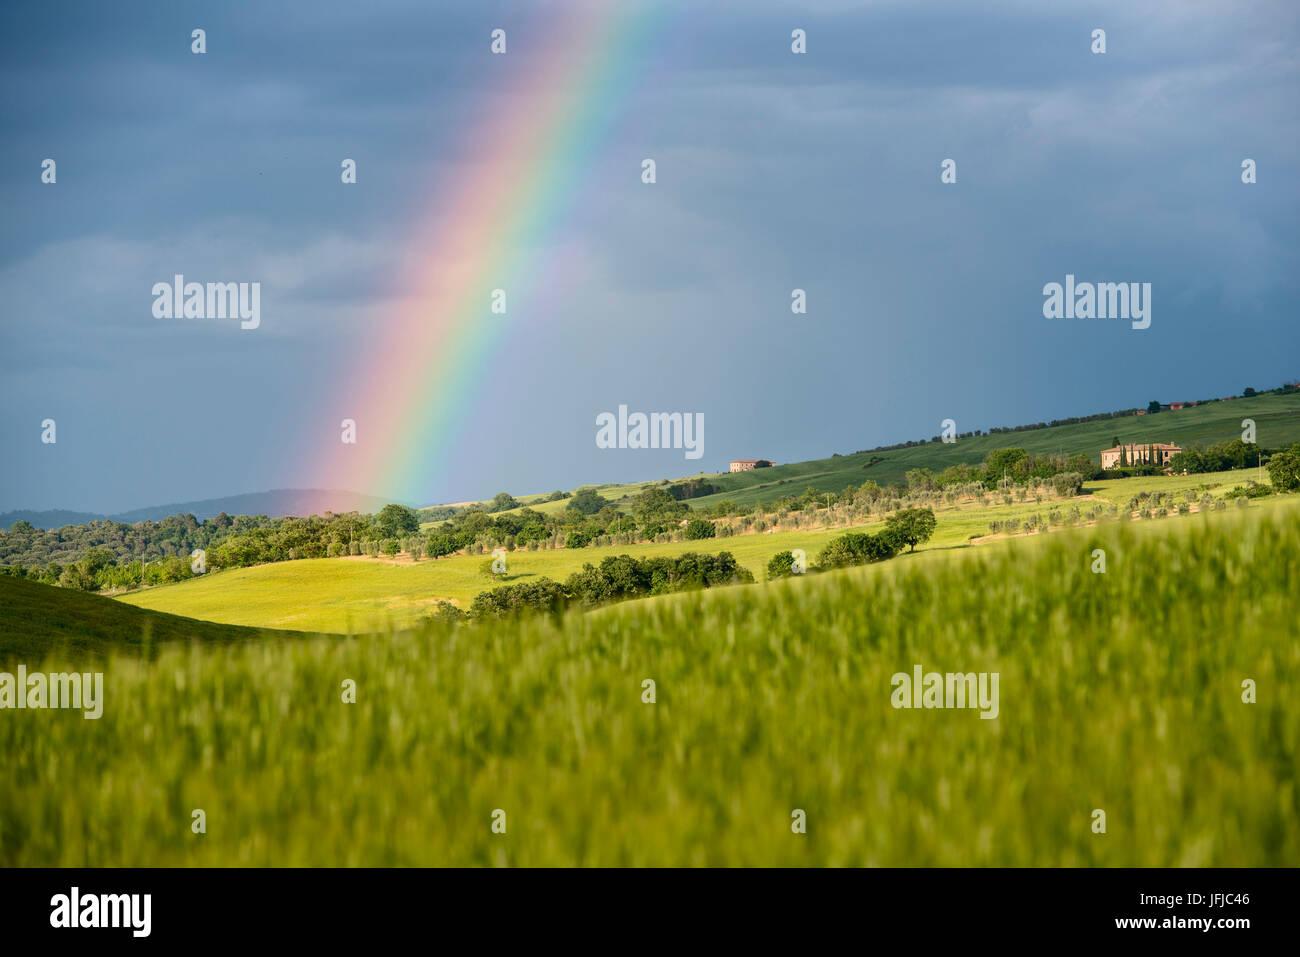 Italia, Toscana, Siena Distrito, Valle de Orcia - arco iris despues de la tormenta Foto de stock